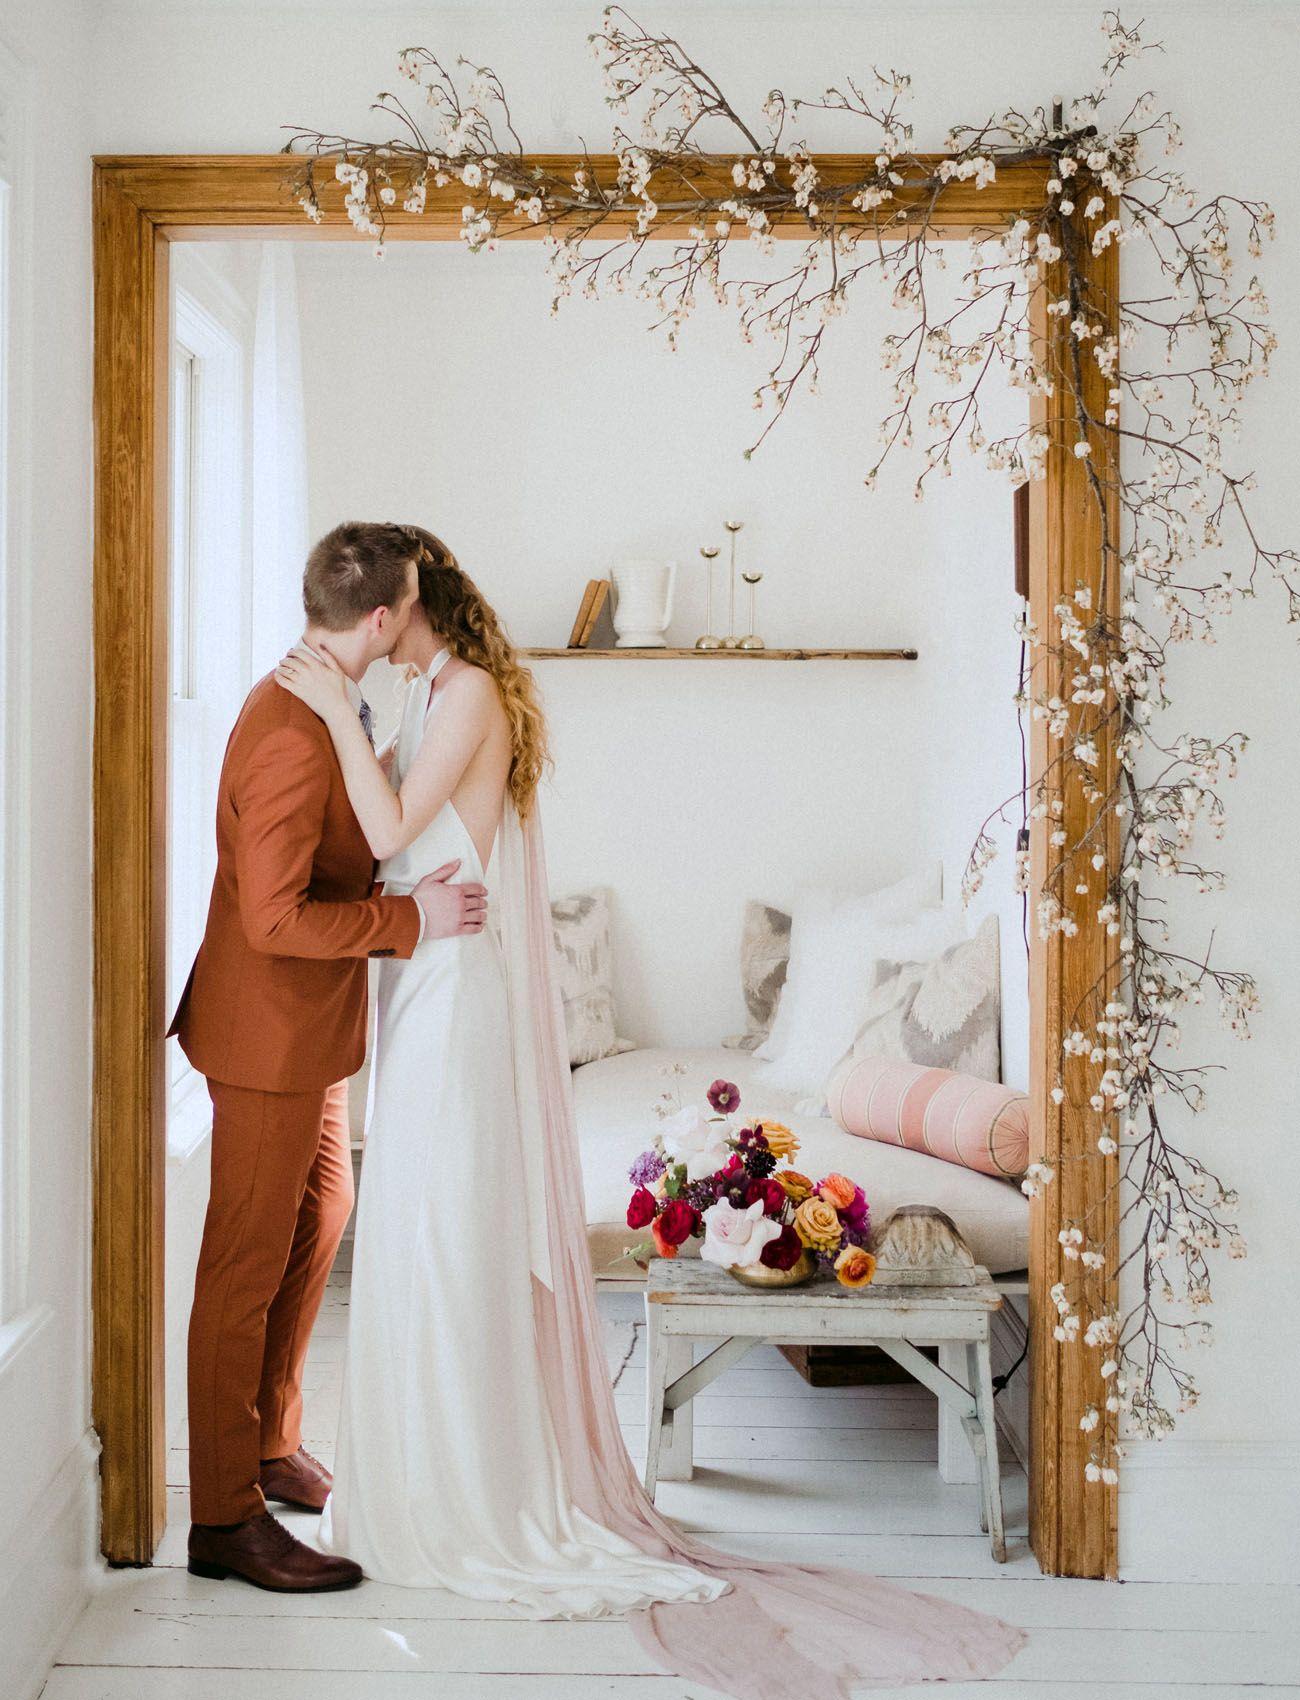 9e22441d9e7 Scandinavian Moroccan Styled Wedding. Scandinavian Moroccan Styled Wedding  Minimalist Wedding